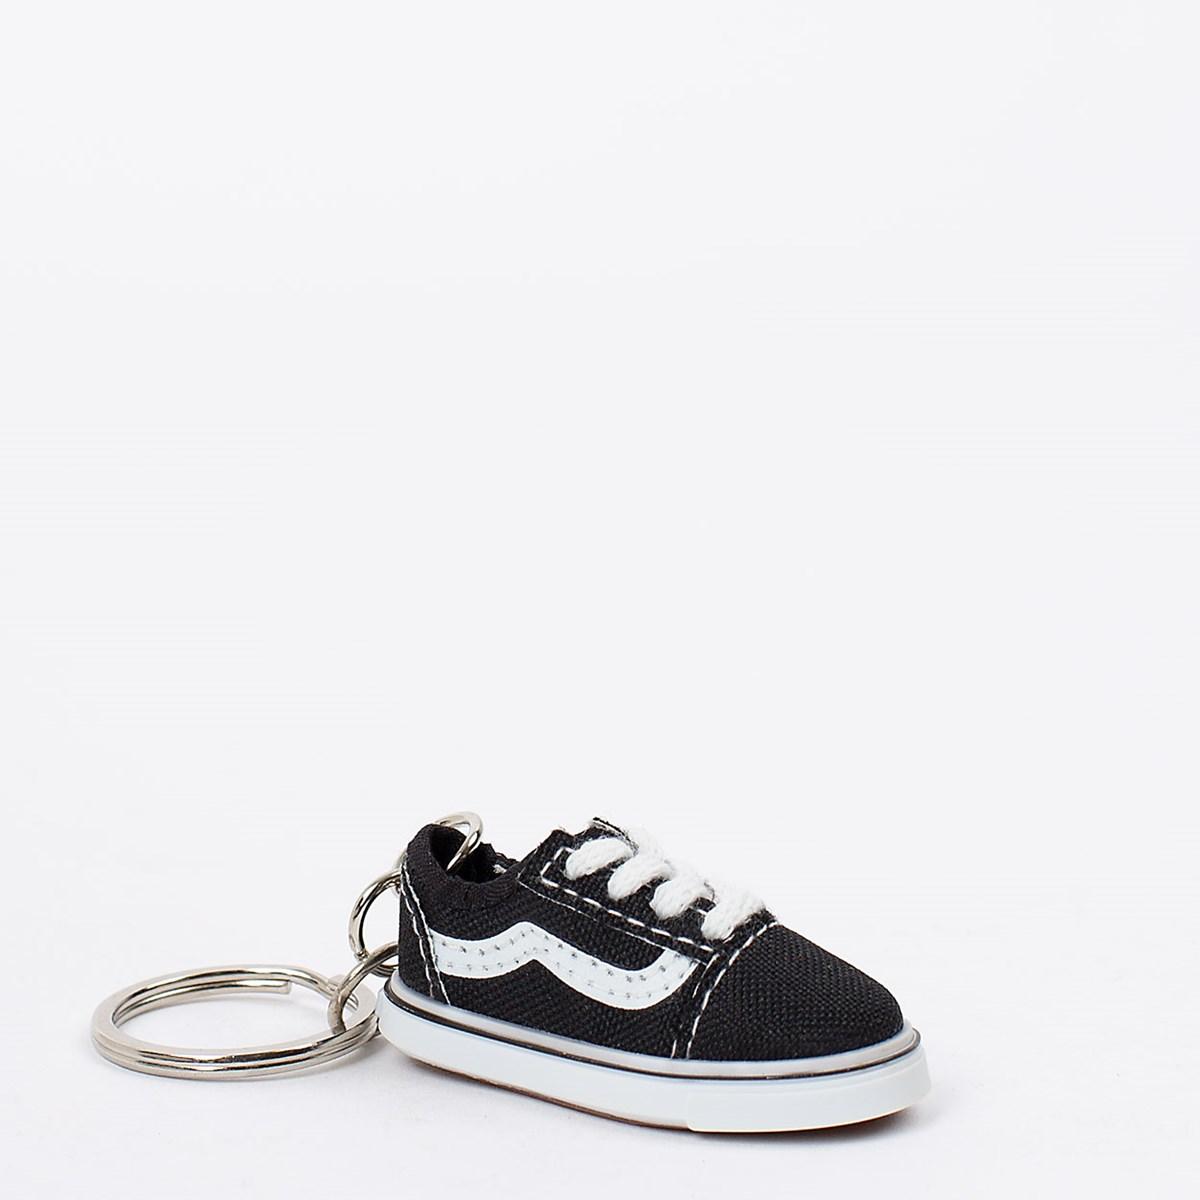 Chaveiro Vans Old Skool Keychain Black VN0A53DPBLK